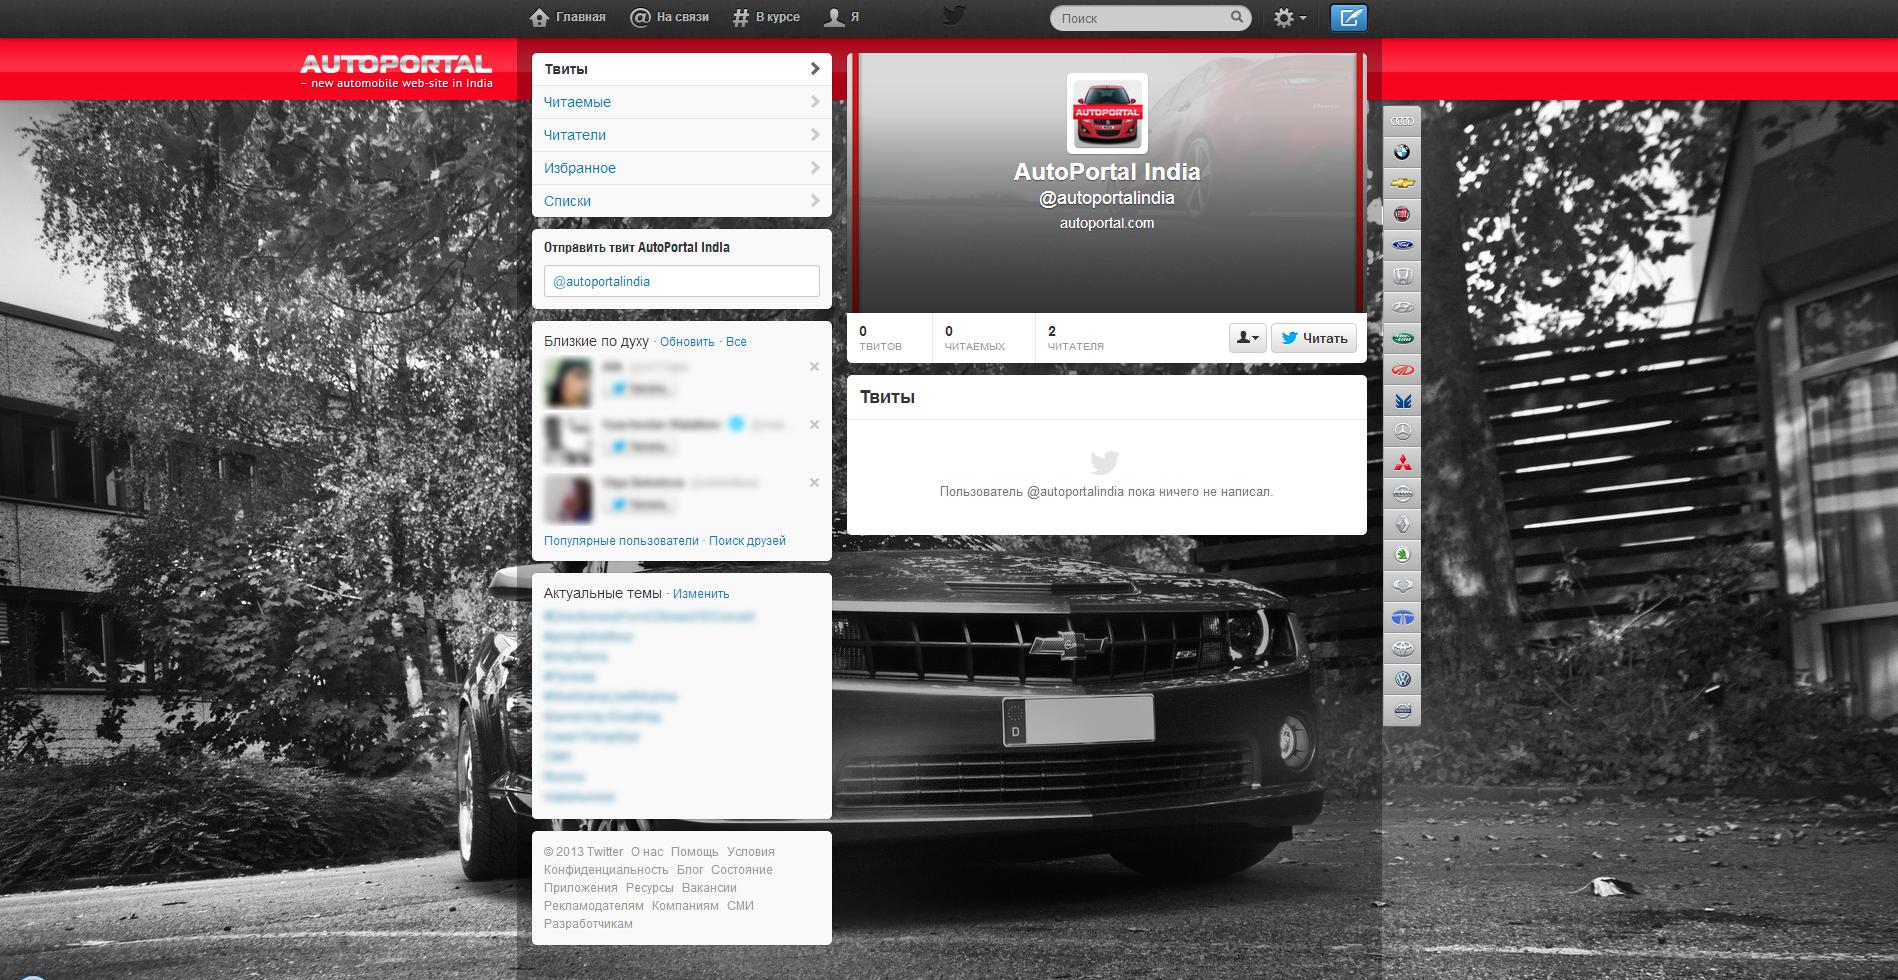 Дизайн страницы Twitter Autoportal.com